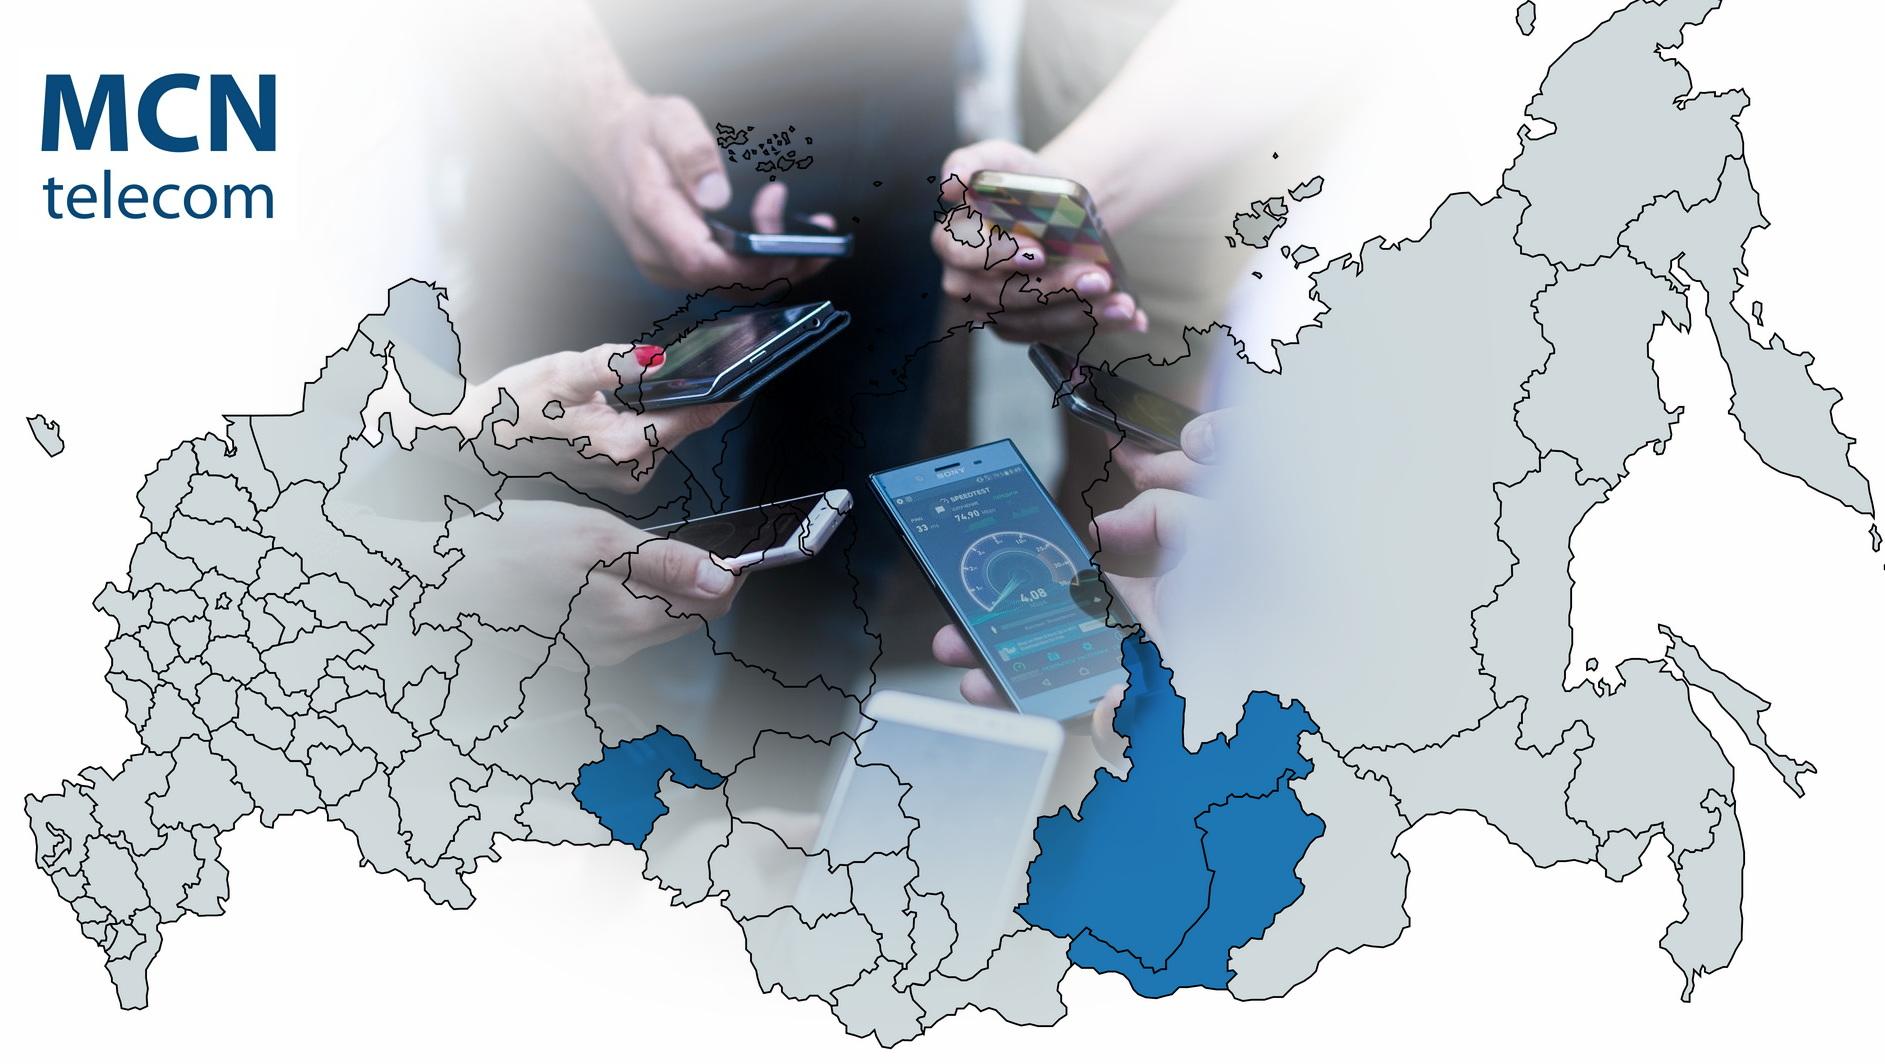 MCN Telecom тестирует сеть в городах: Тюмень, Иркутск, Улан-Удэ